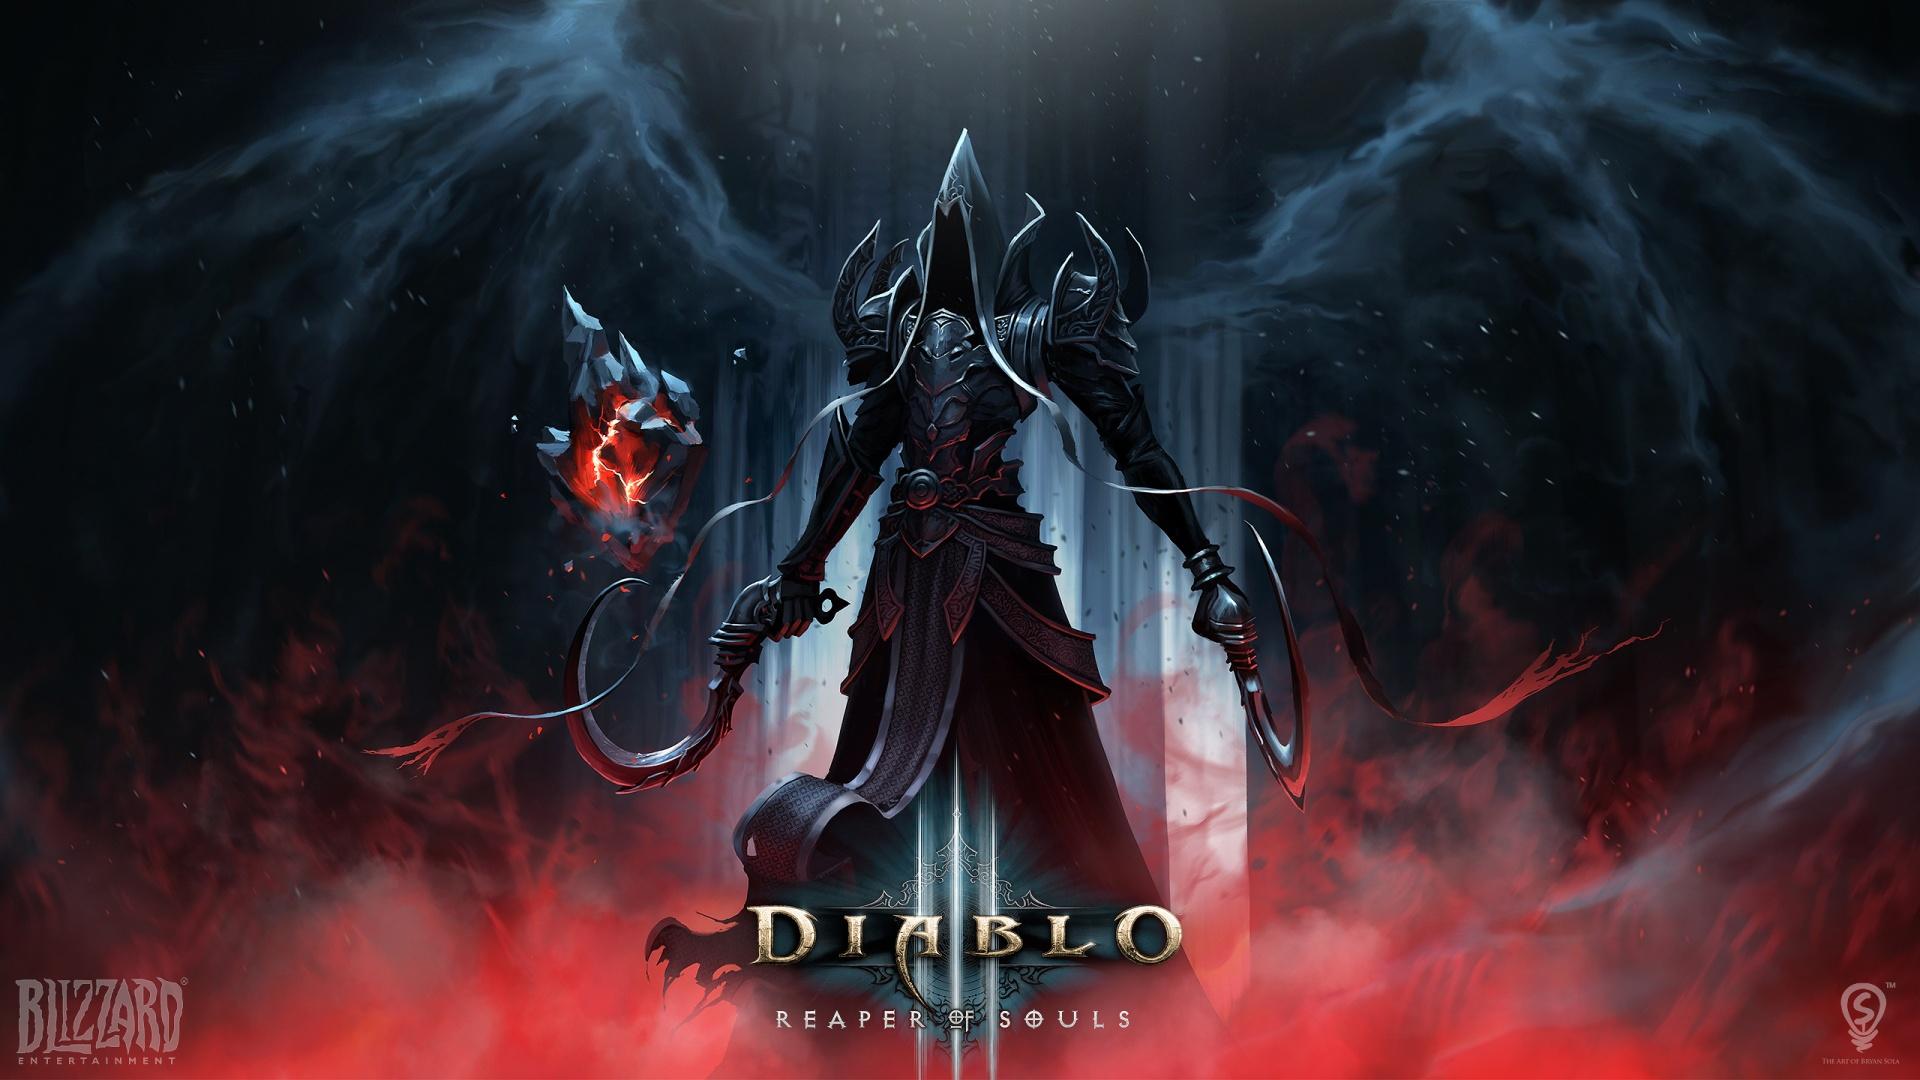 49 Diablo Reaper Of Souls Wallpaper On Wallpapersafari